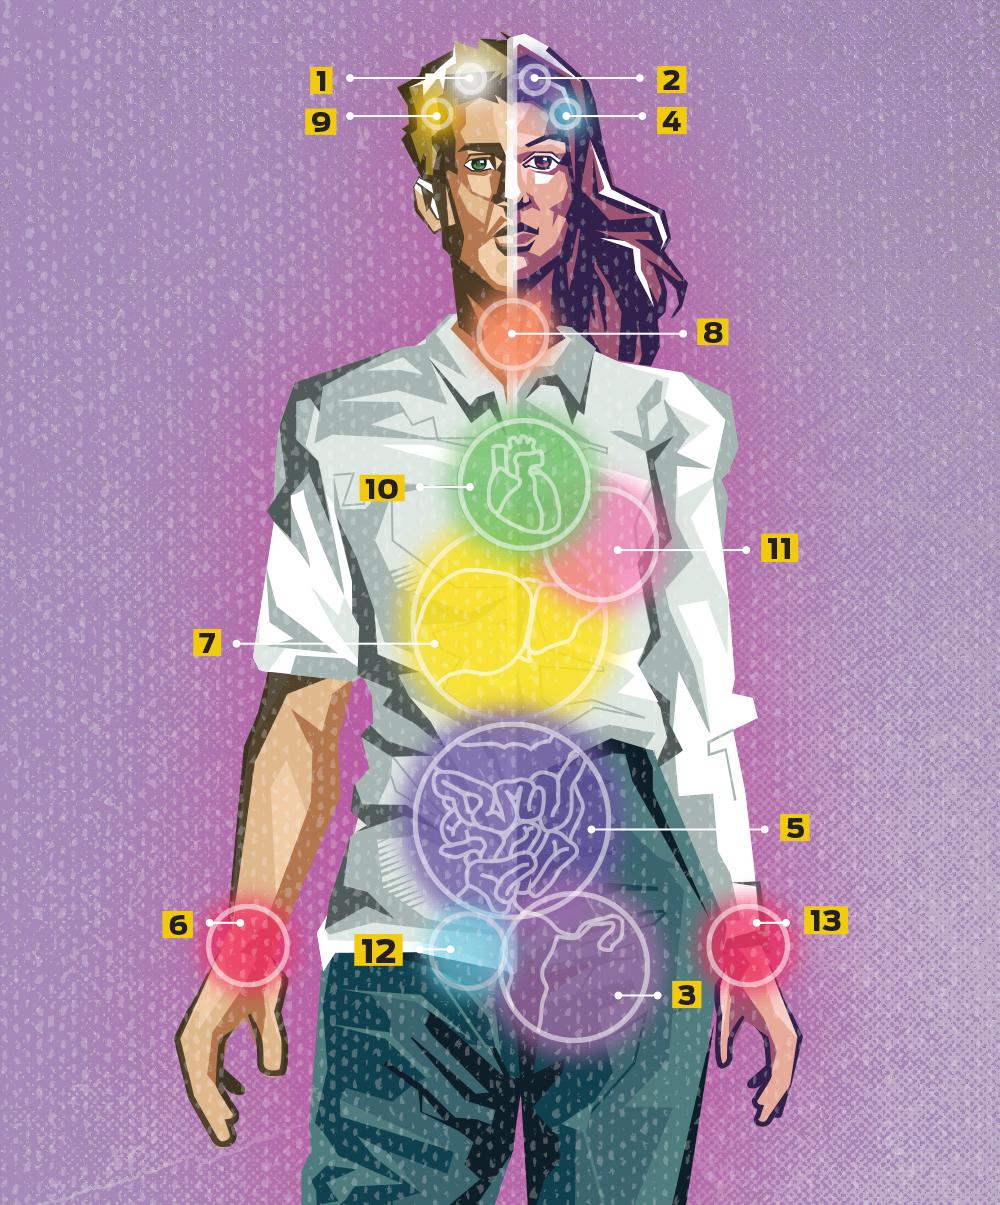 Ingográfico ilustrado com um corpo humano. Em cada parte, há um número que corresponde às legendas dos meses de conscientização. Cada um deles tem uma cor diferente referente ao mês.